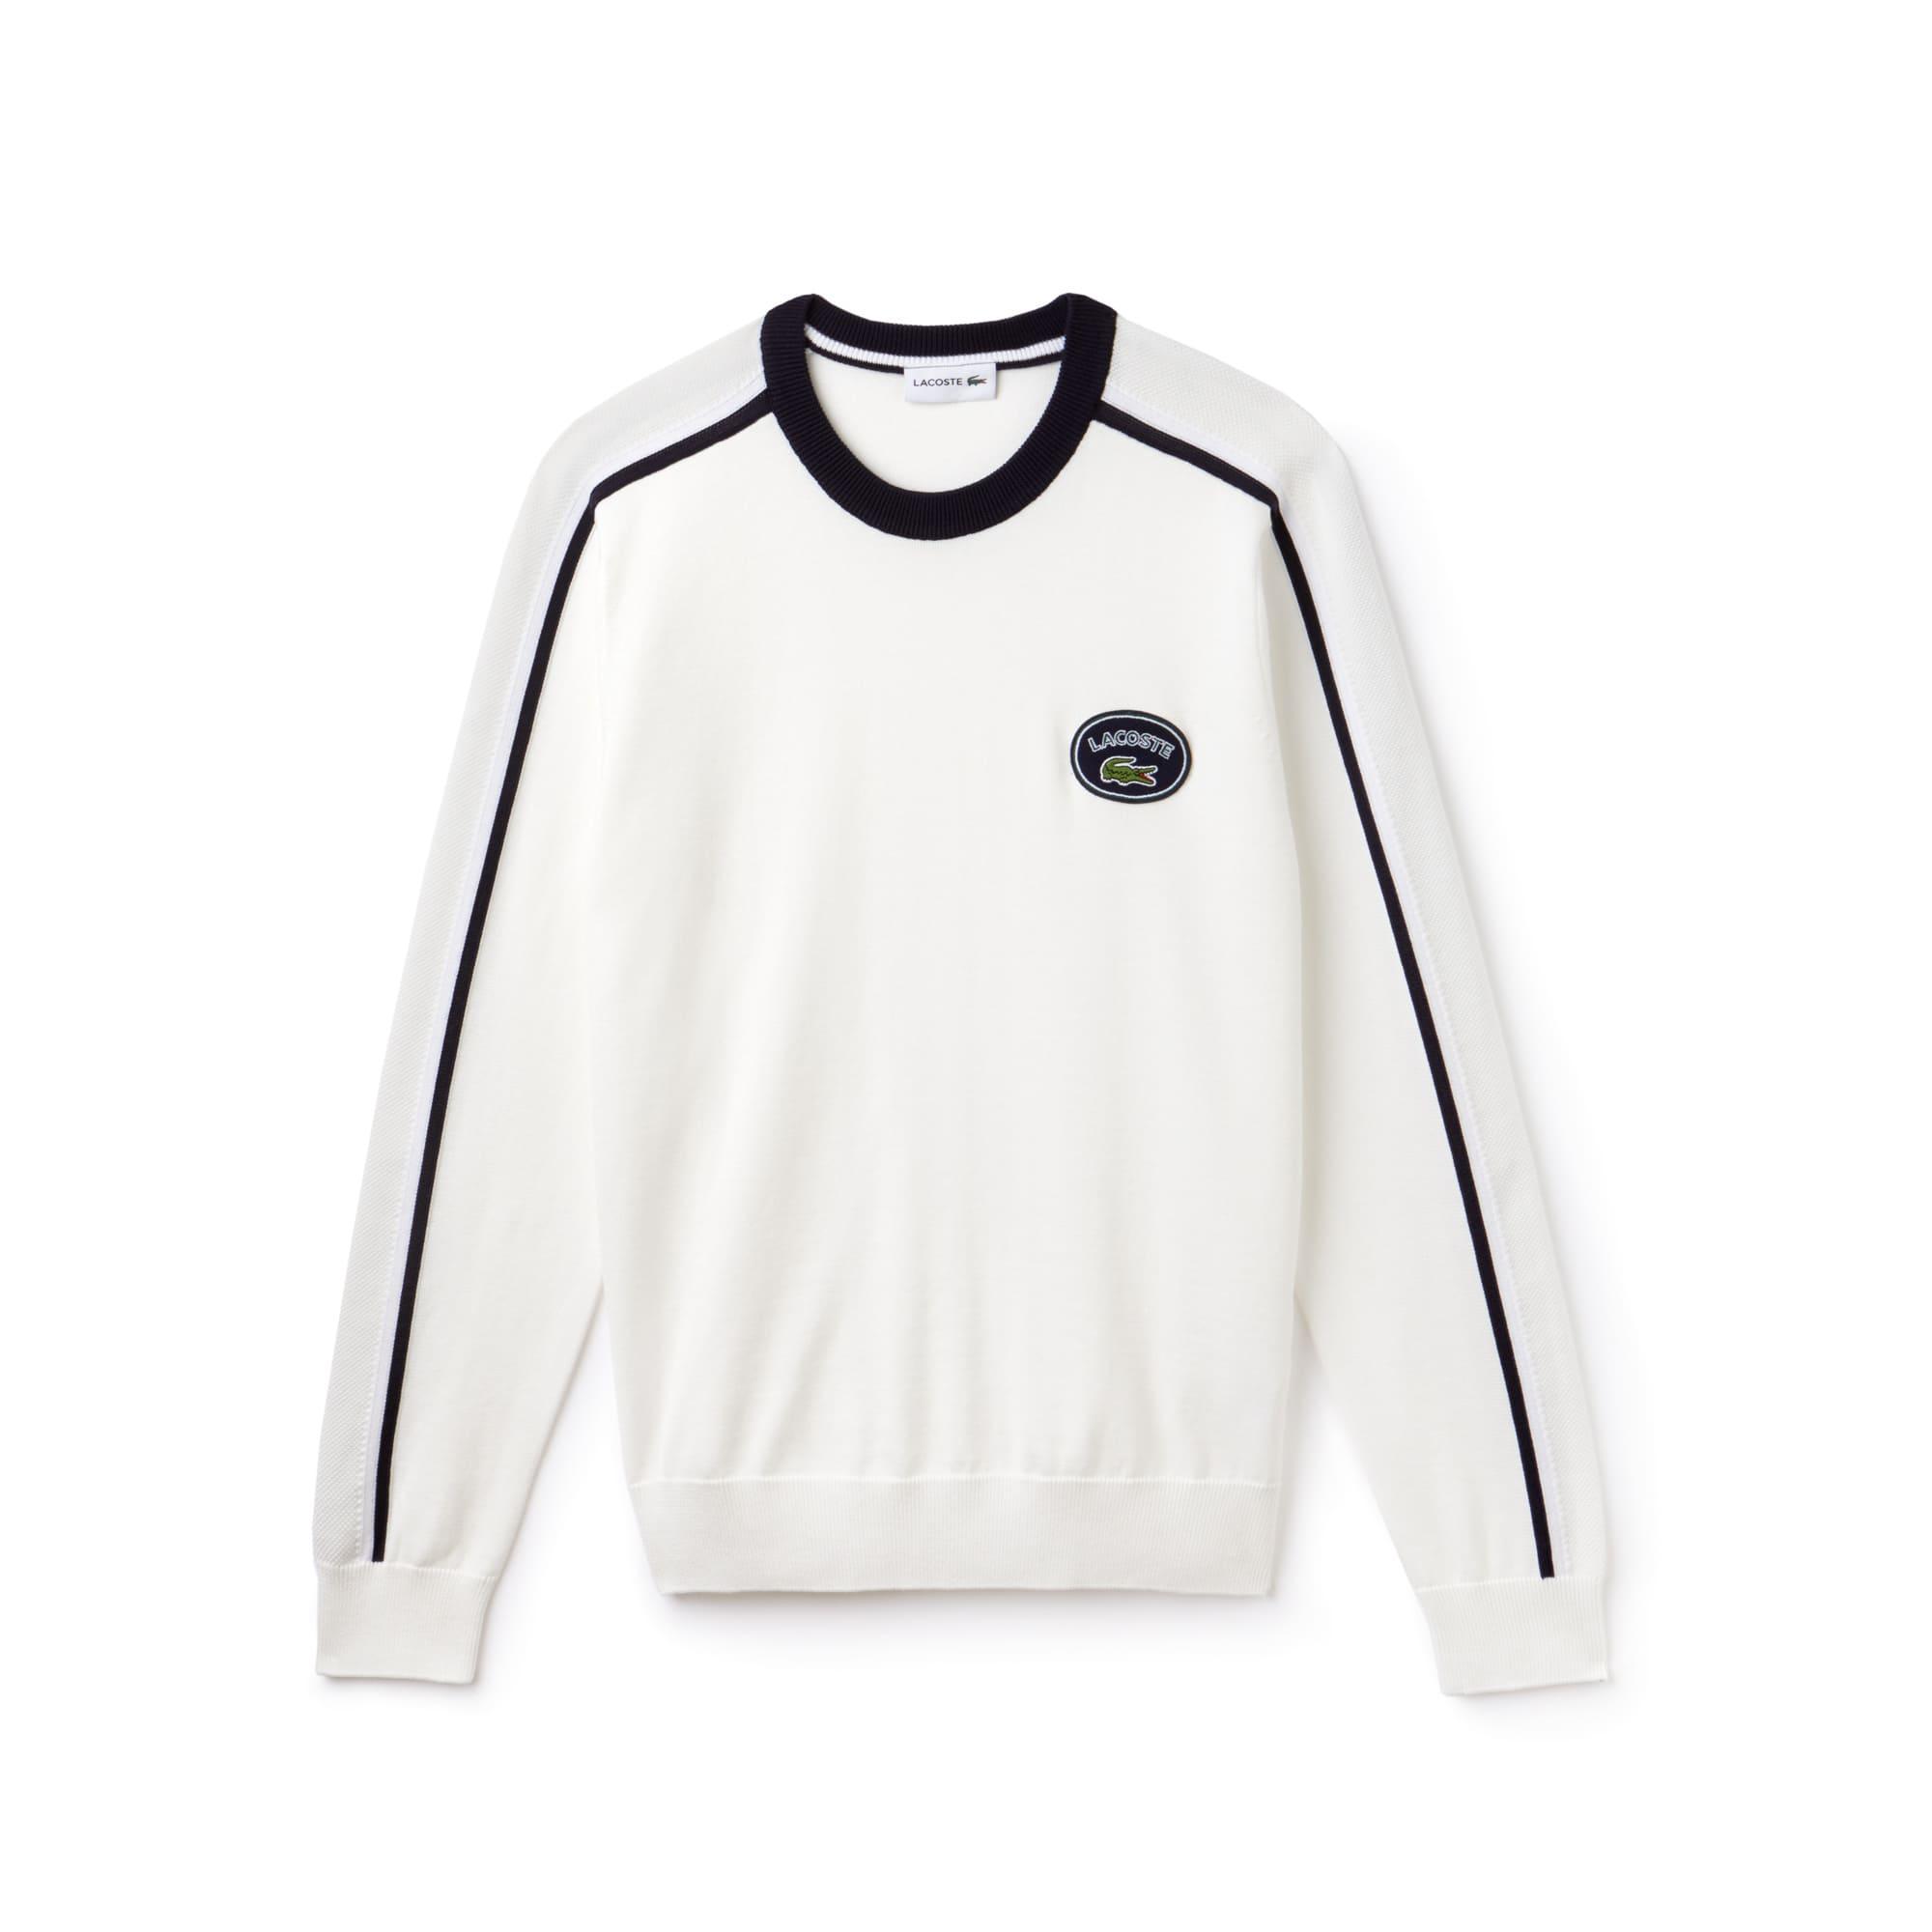 Camisola com decote redondo em jersey de algodão com pormenores a contrastar